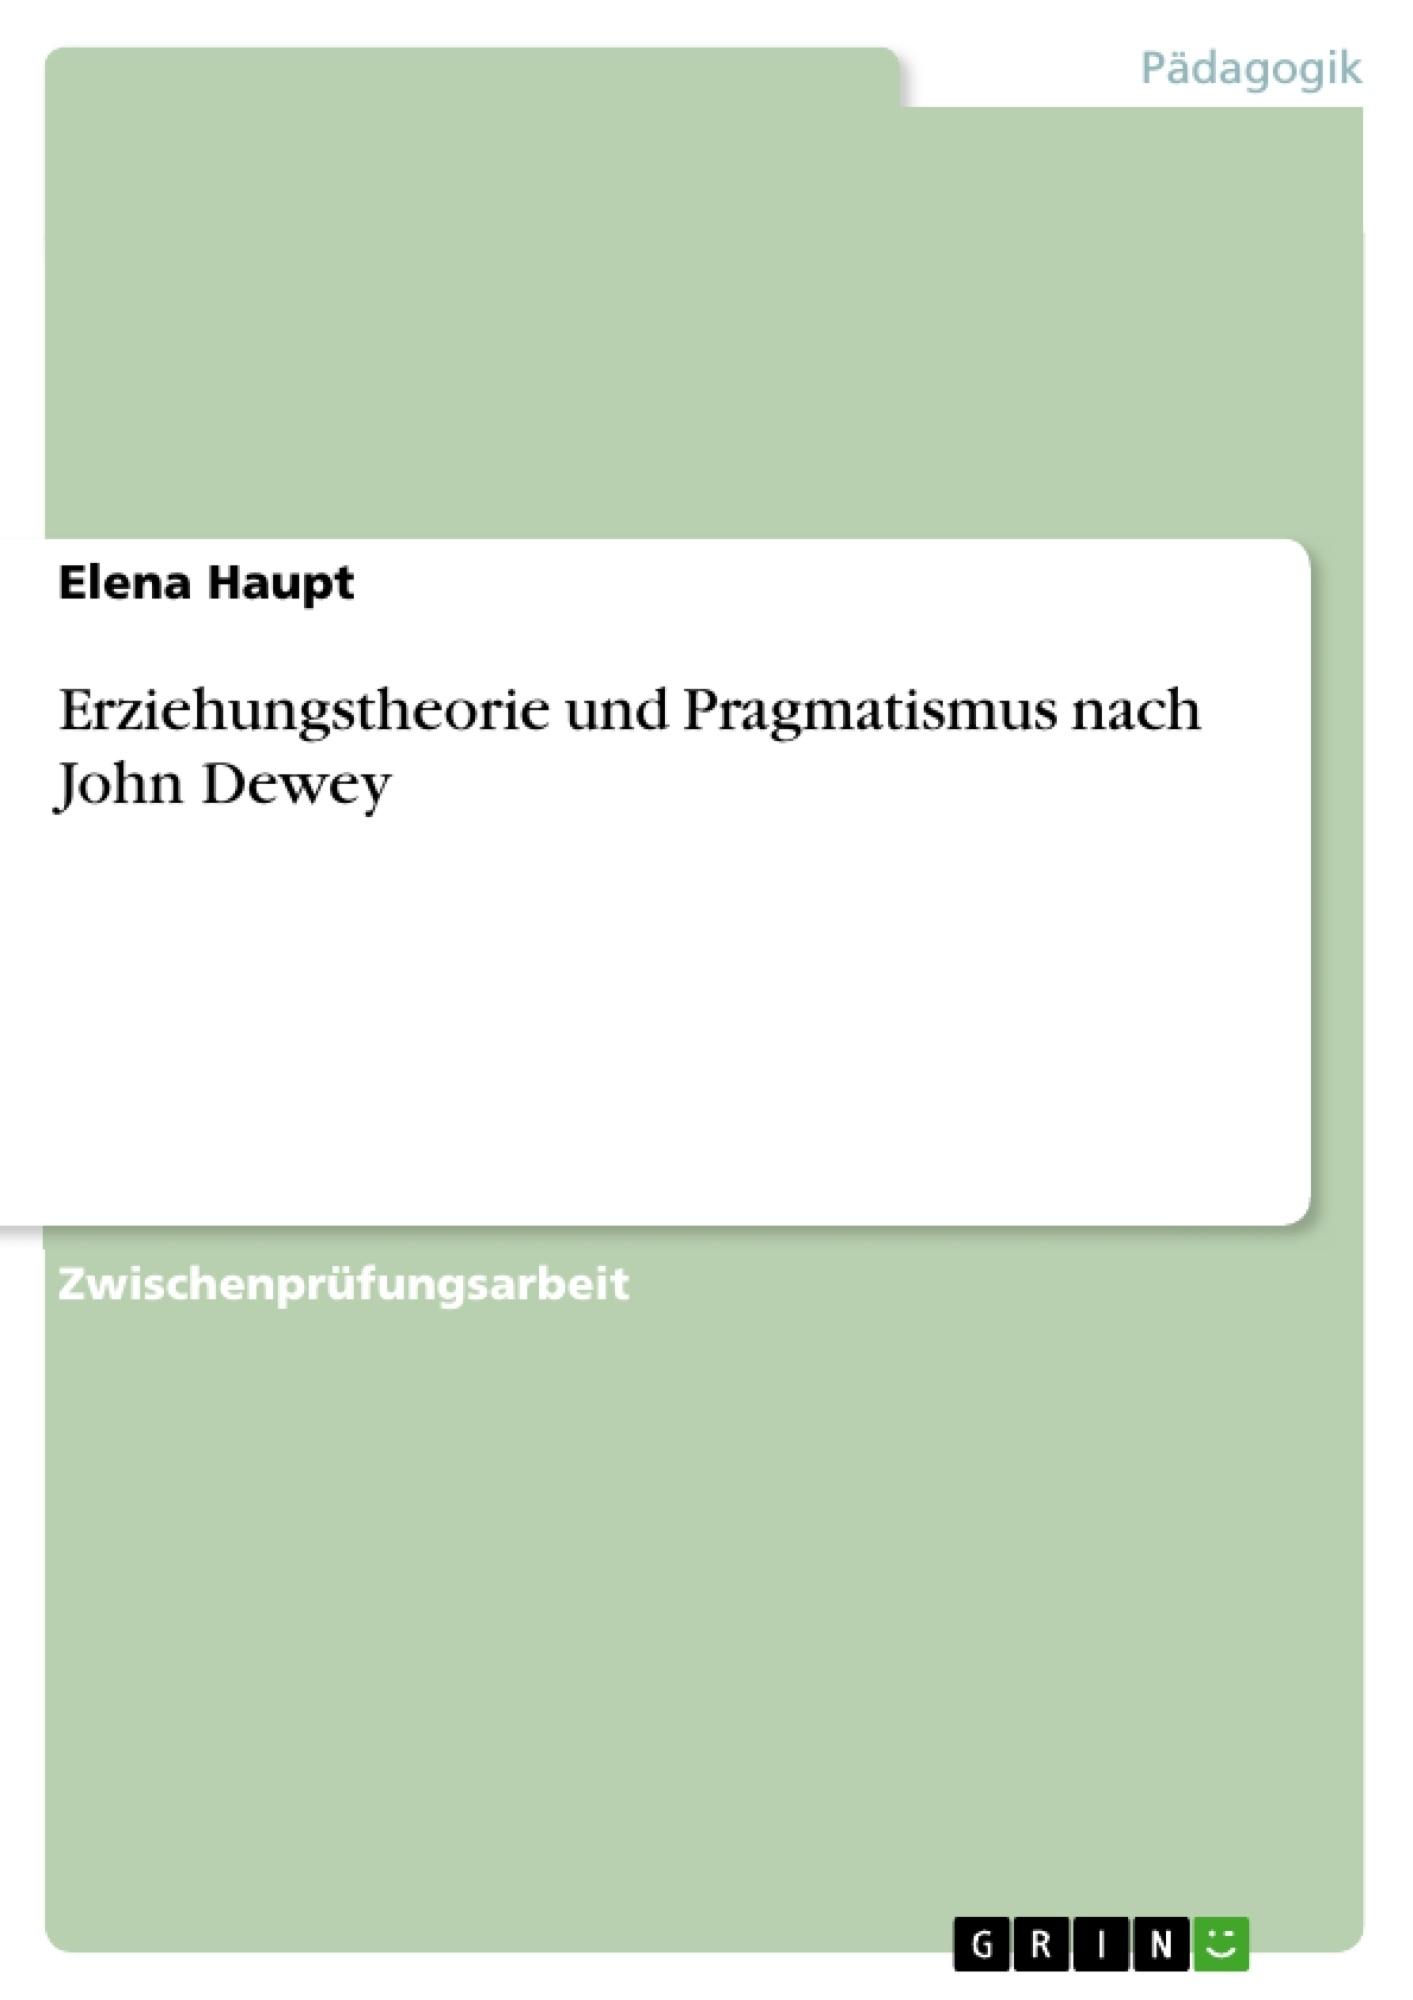 Titel: Erziehungstheorie und Pragmatismus nach John Dewey